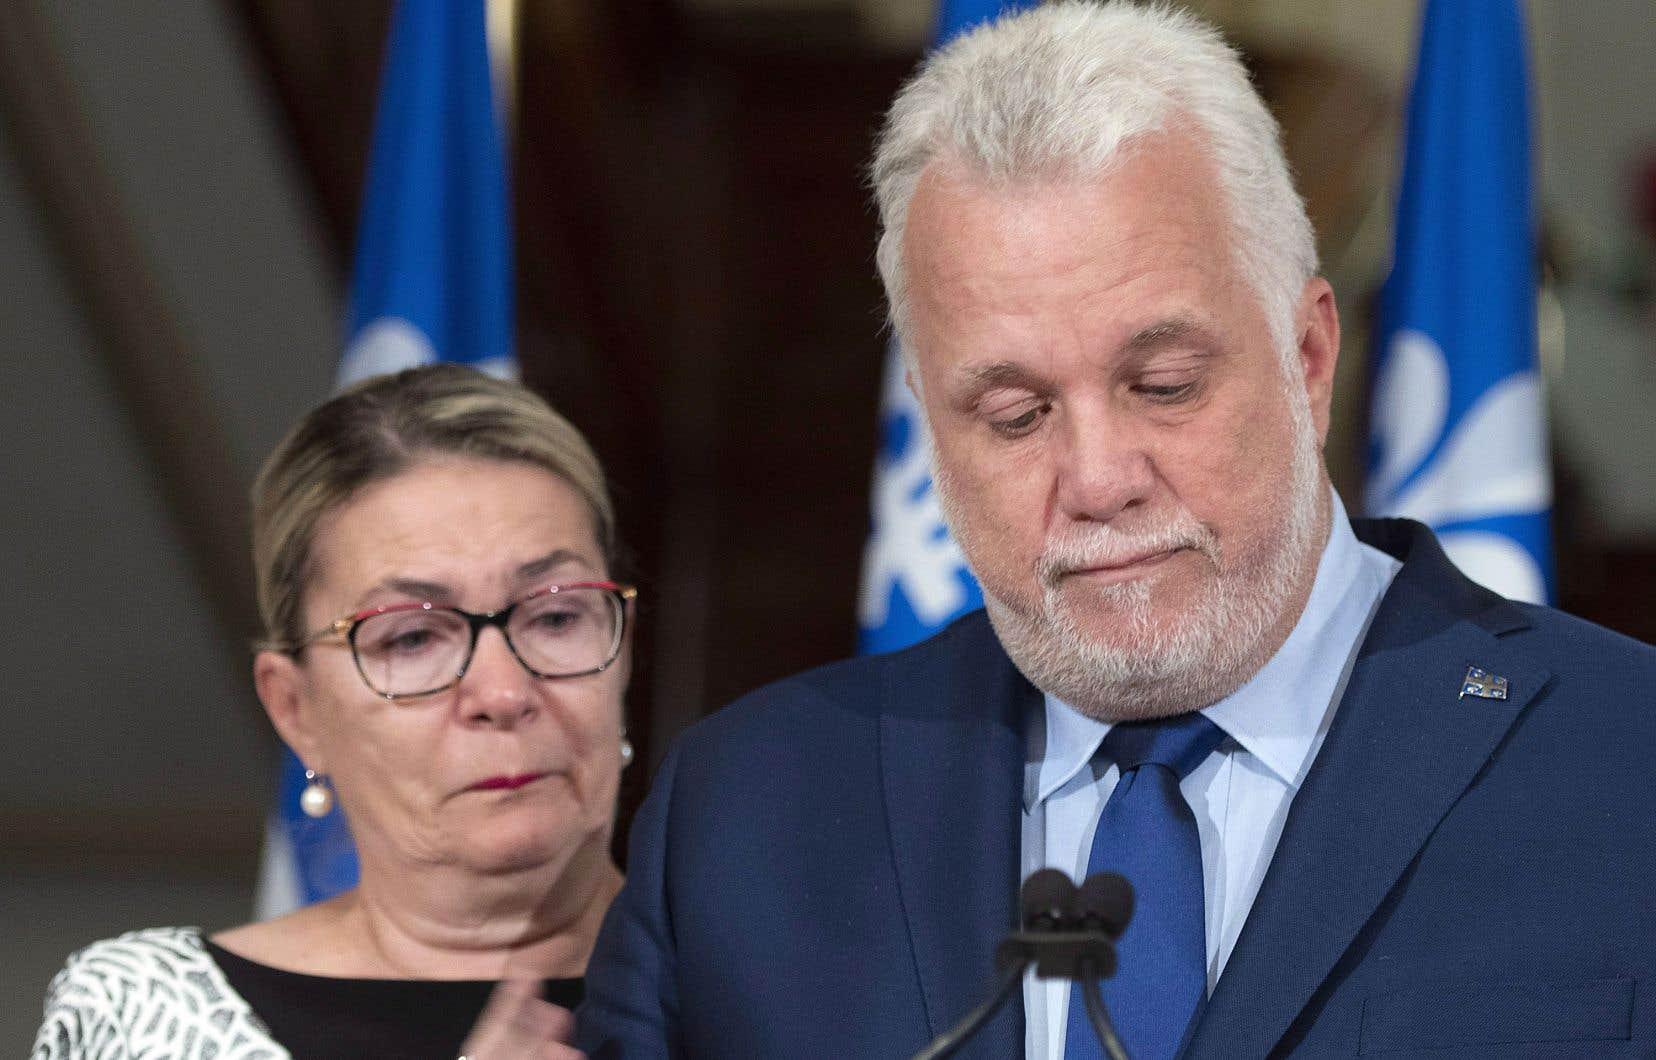 Le chef démissionnaire du Parti libéral du Québec, Philippe Couillard, était accompagné de son épouse, Suzanne Pilote.